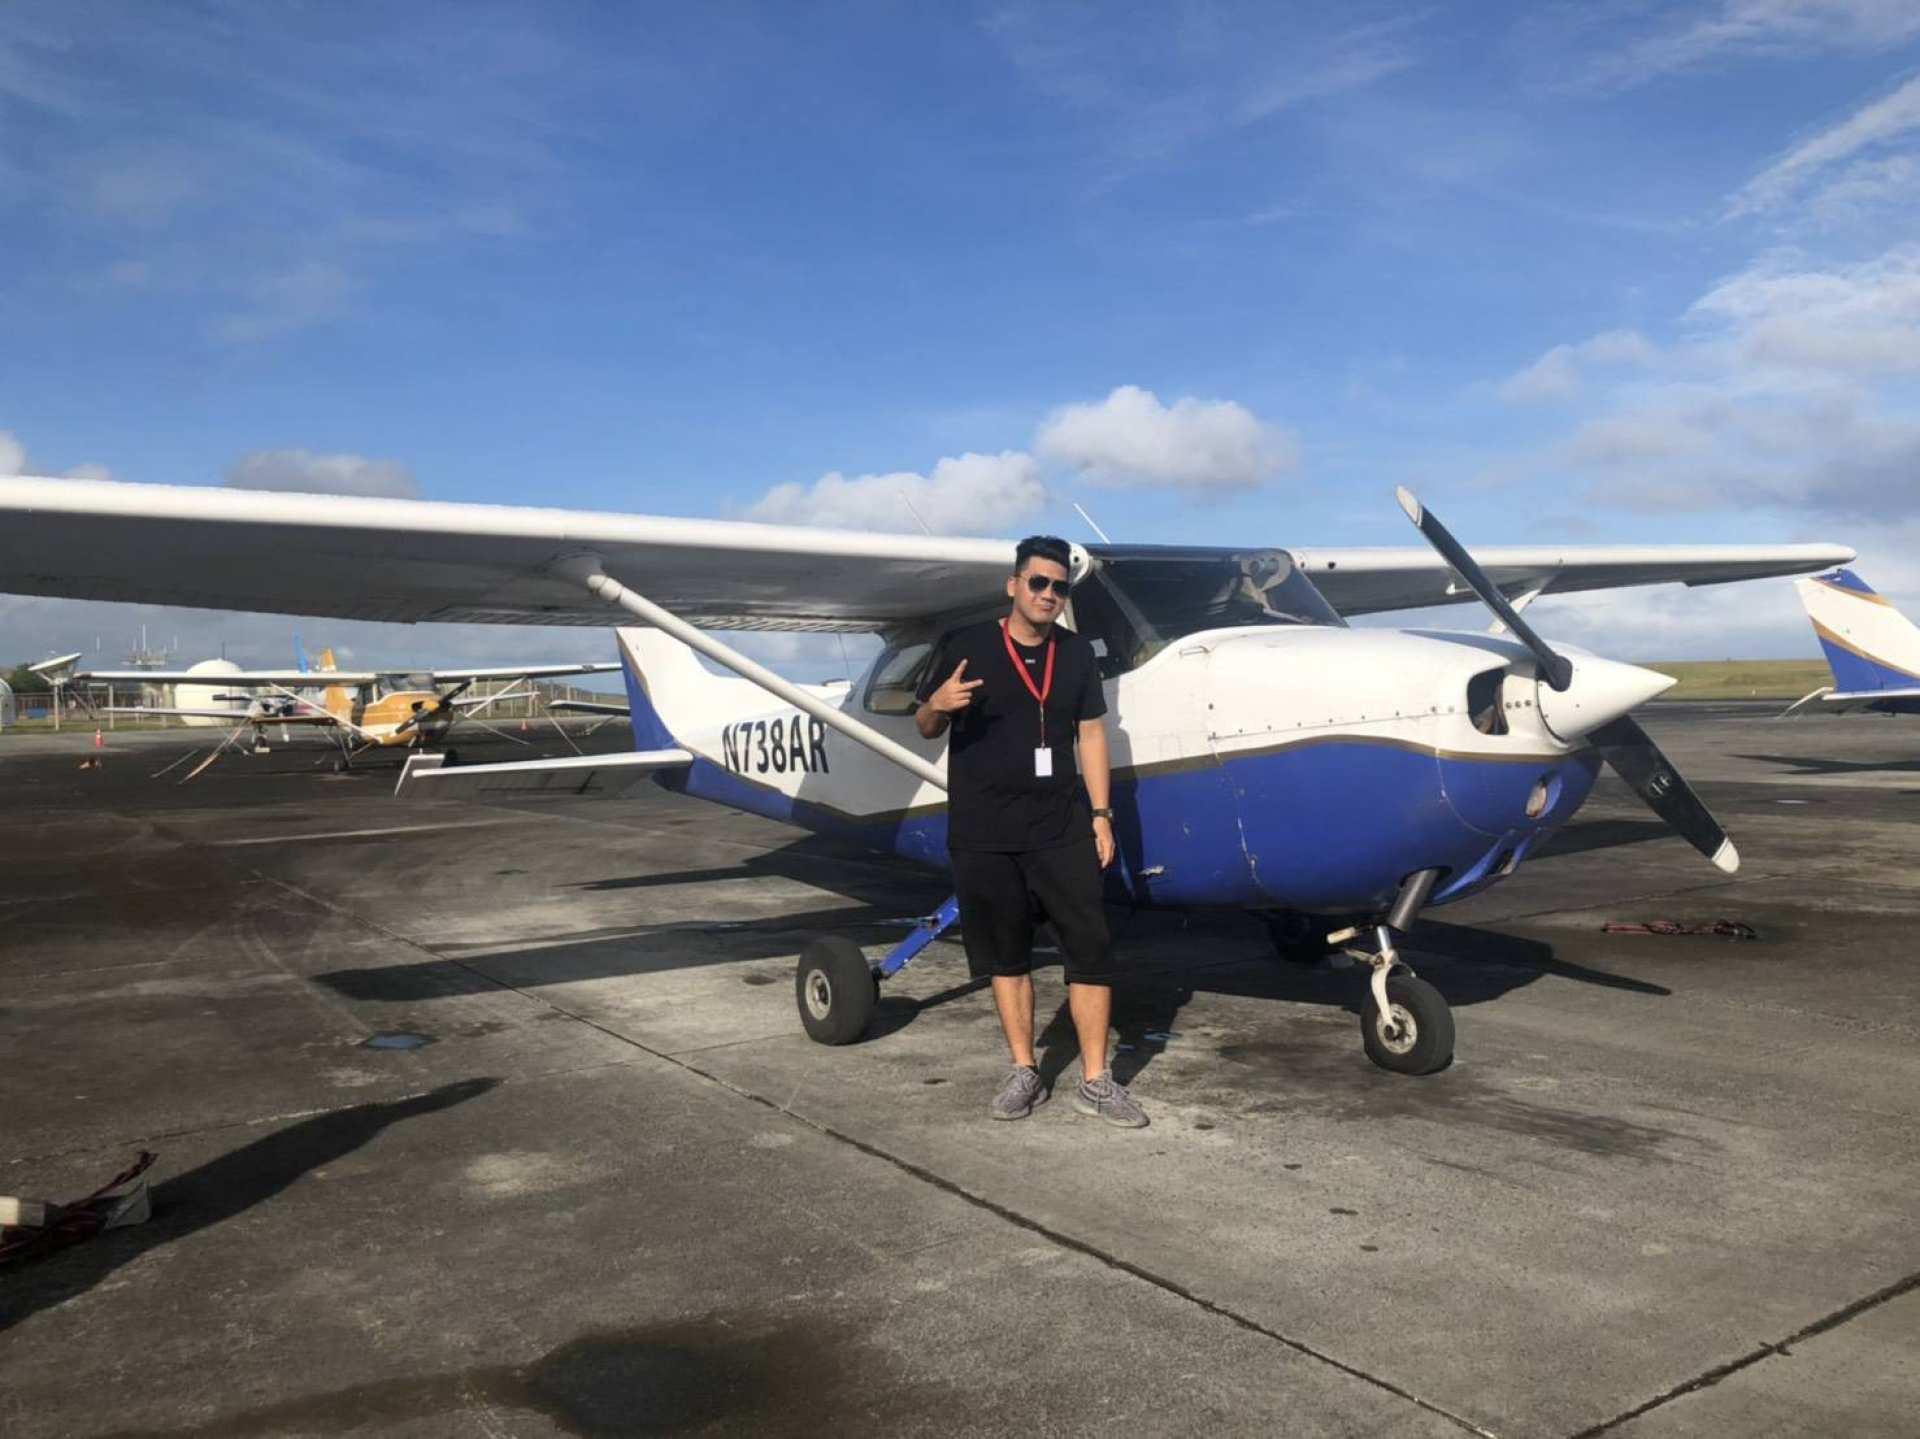 【關島陸空優惠組合】駕駛小飛機+水肺潛水體驗(免潛水執照)